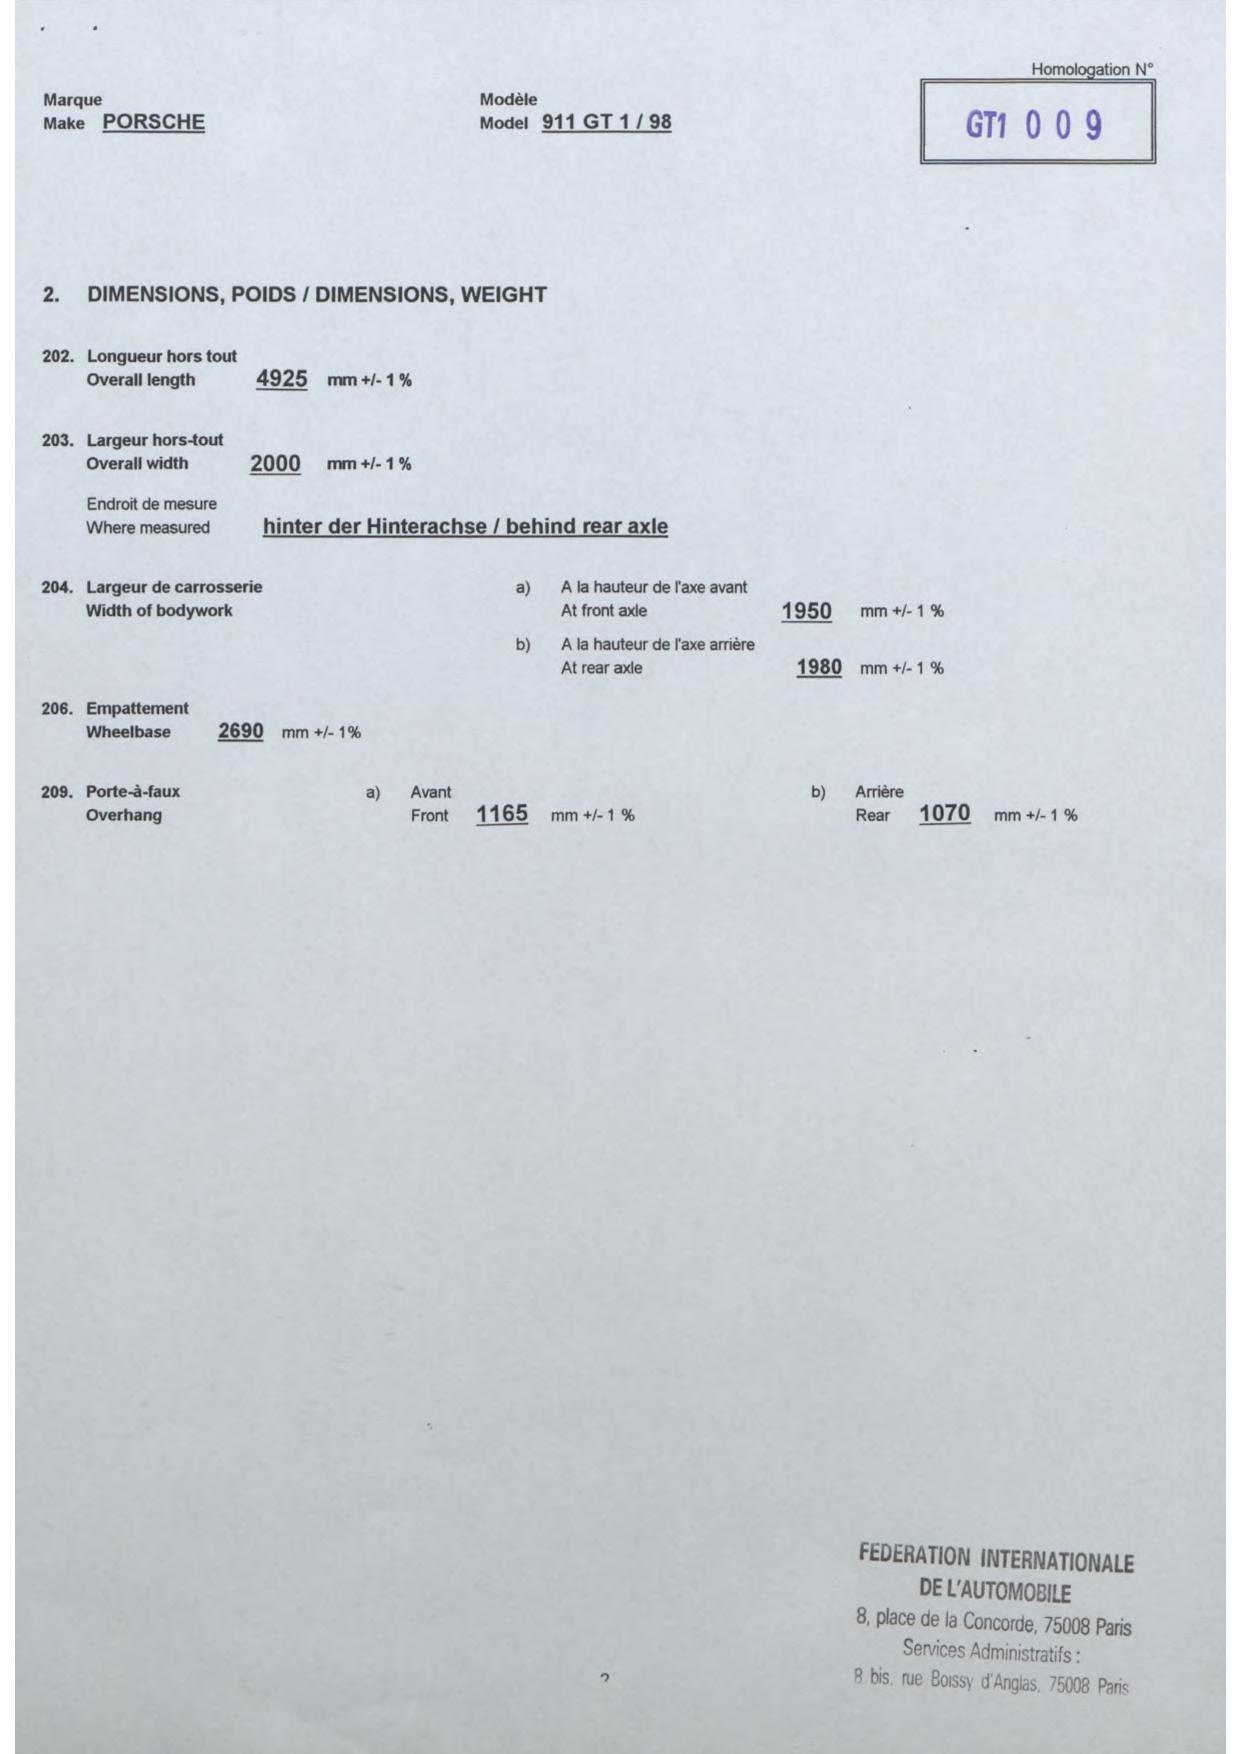 02 Cozy Prix D'une Porsche 911 Gt1 Cars Trend